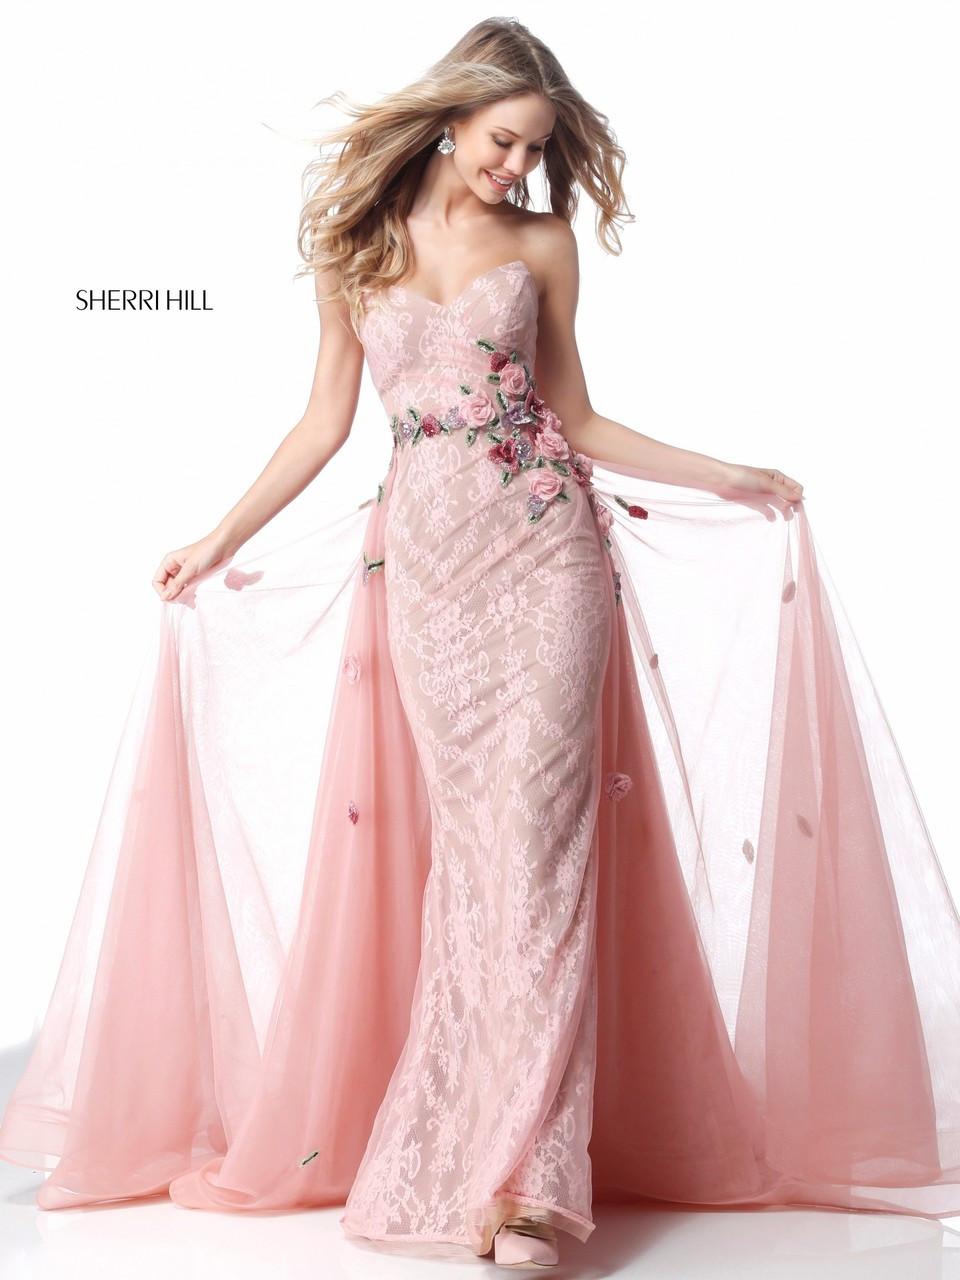 Sherri Hill 51931 - B Chic Fashions